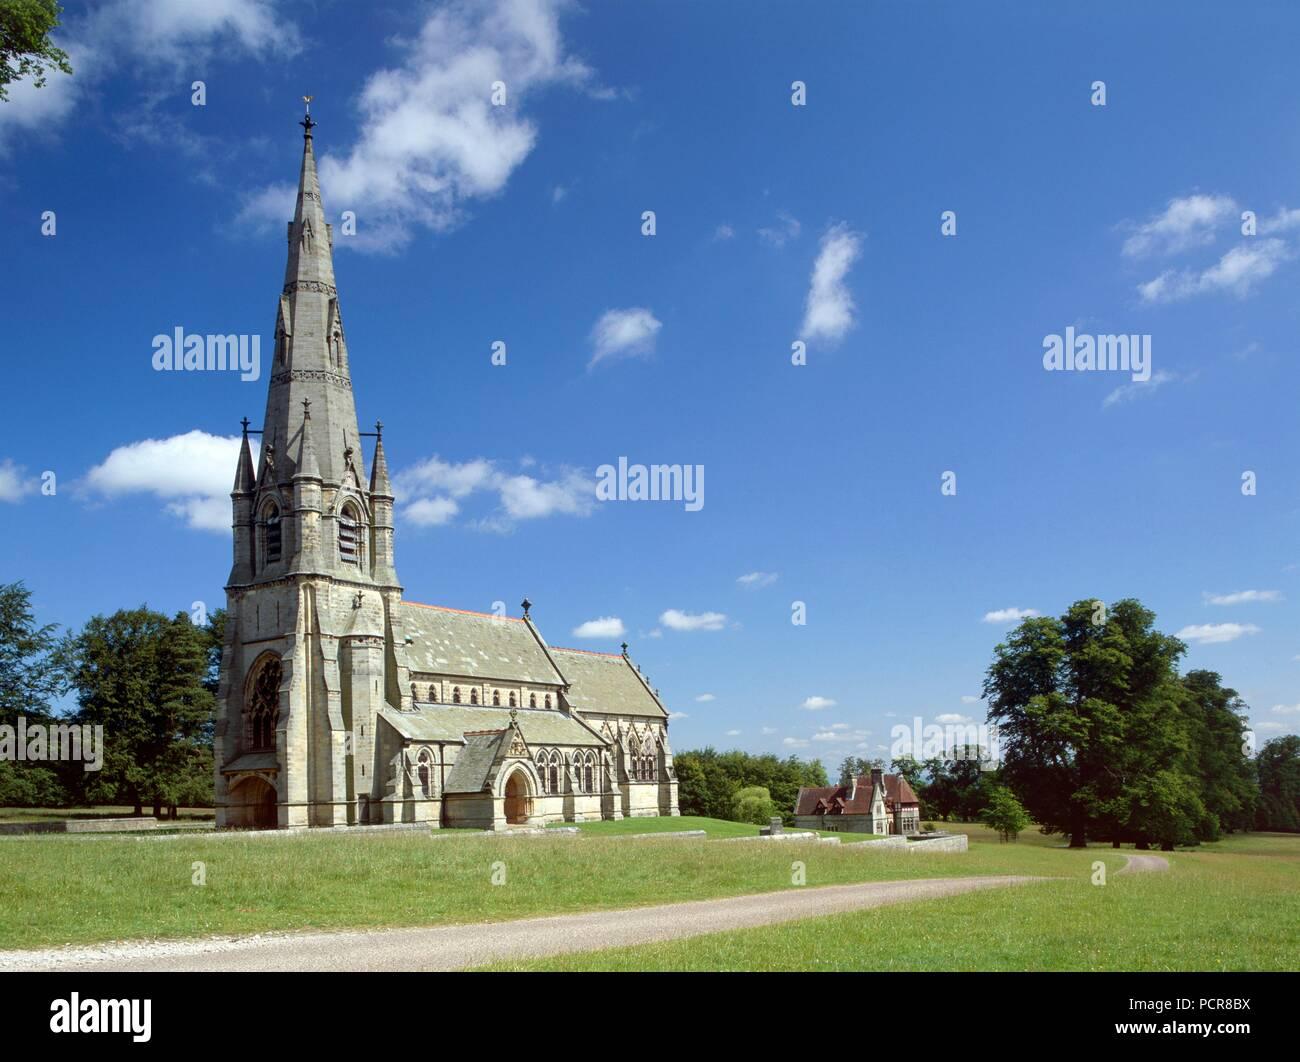 Chiesa di Santa Maria, Studley Royal, North Yorkshire, C1980-c2017. Vista esterna del revival gotico chiesa da sud-ovest. Chiesa di Santa Maria fu progettato da William Burges nel 1870s. Immagini Stock